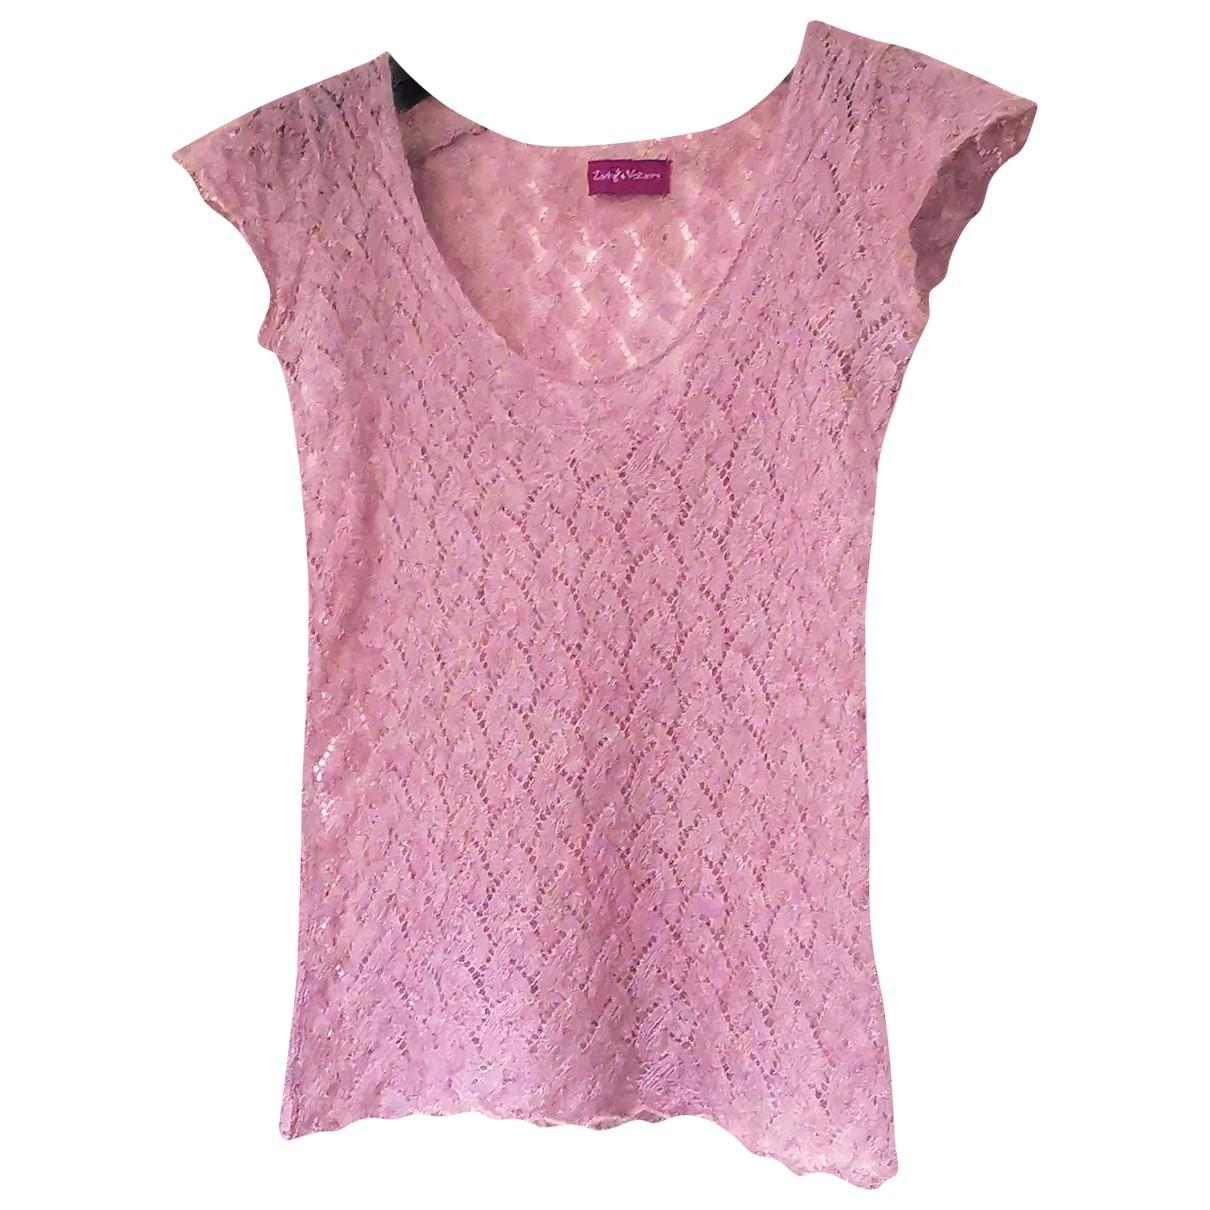 Zadig & Voltaire - Pull   pour femme en laine - rose